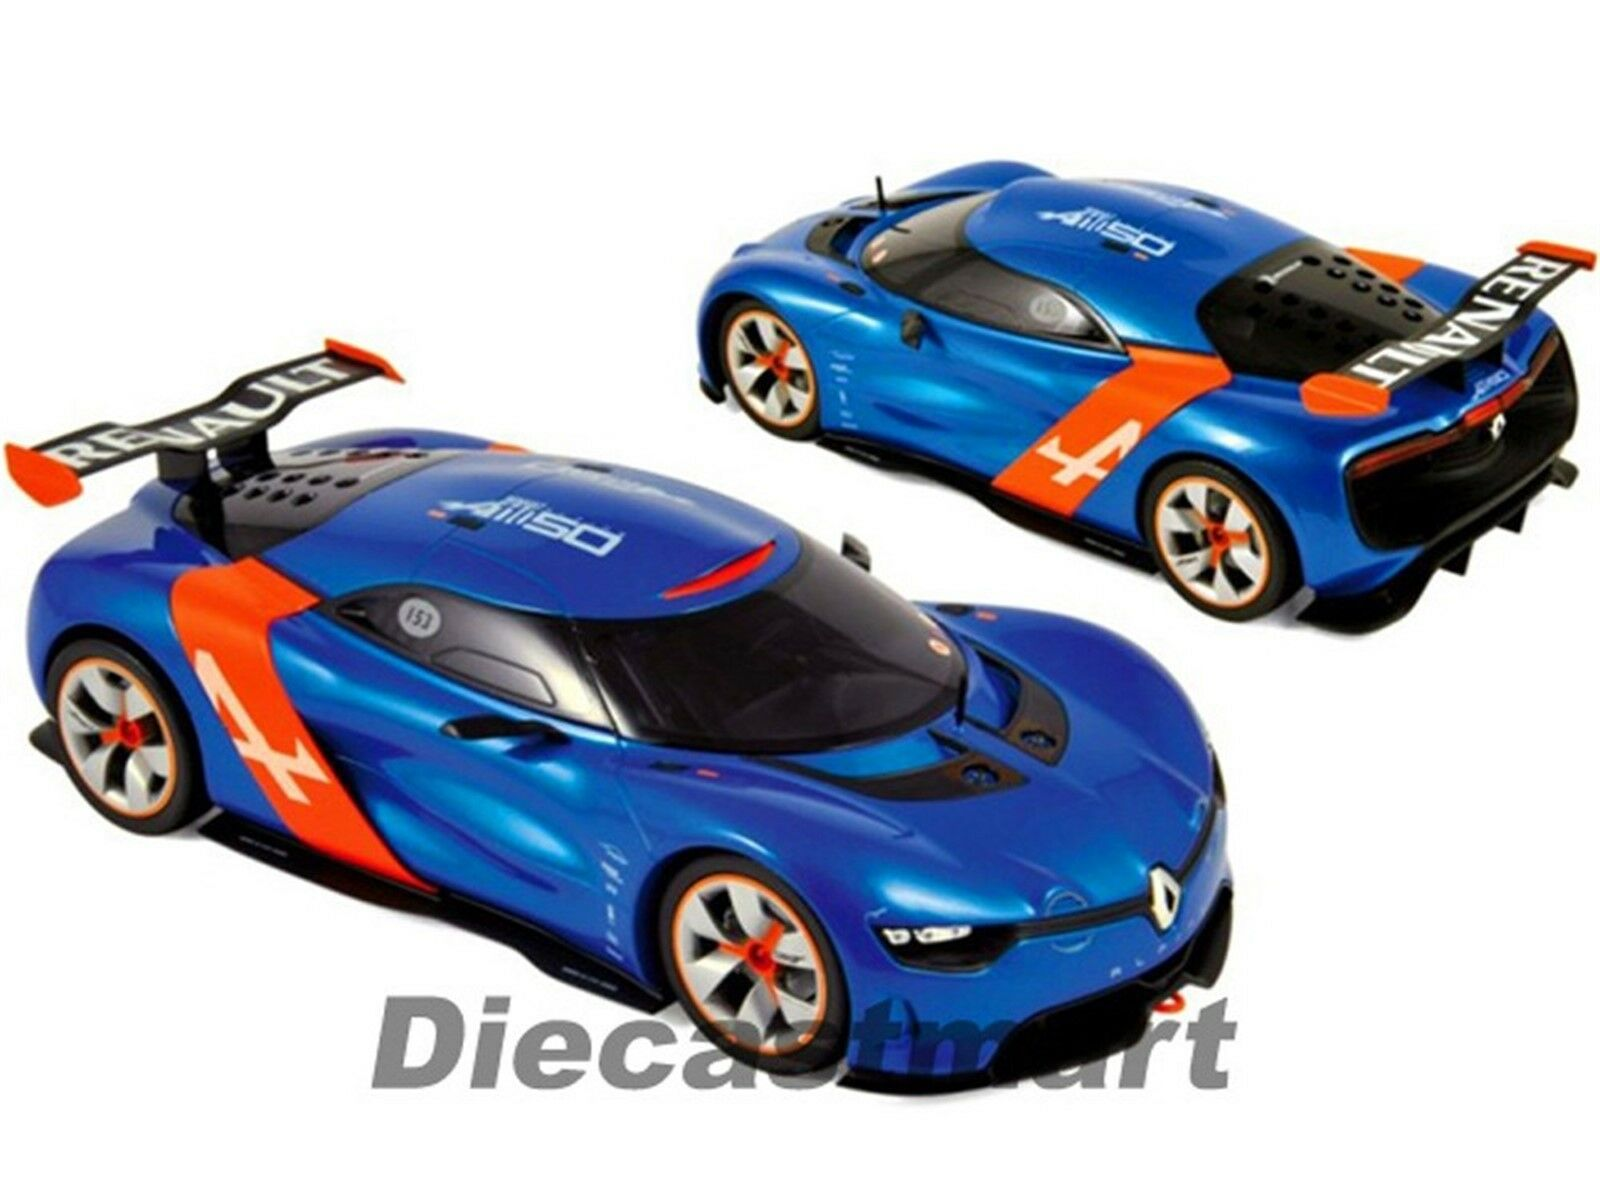 2012 Renault Alpin A110-50 1 18 Petite Voiture par Norev 185147 Bleu Orange